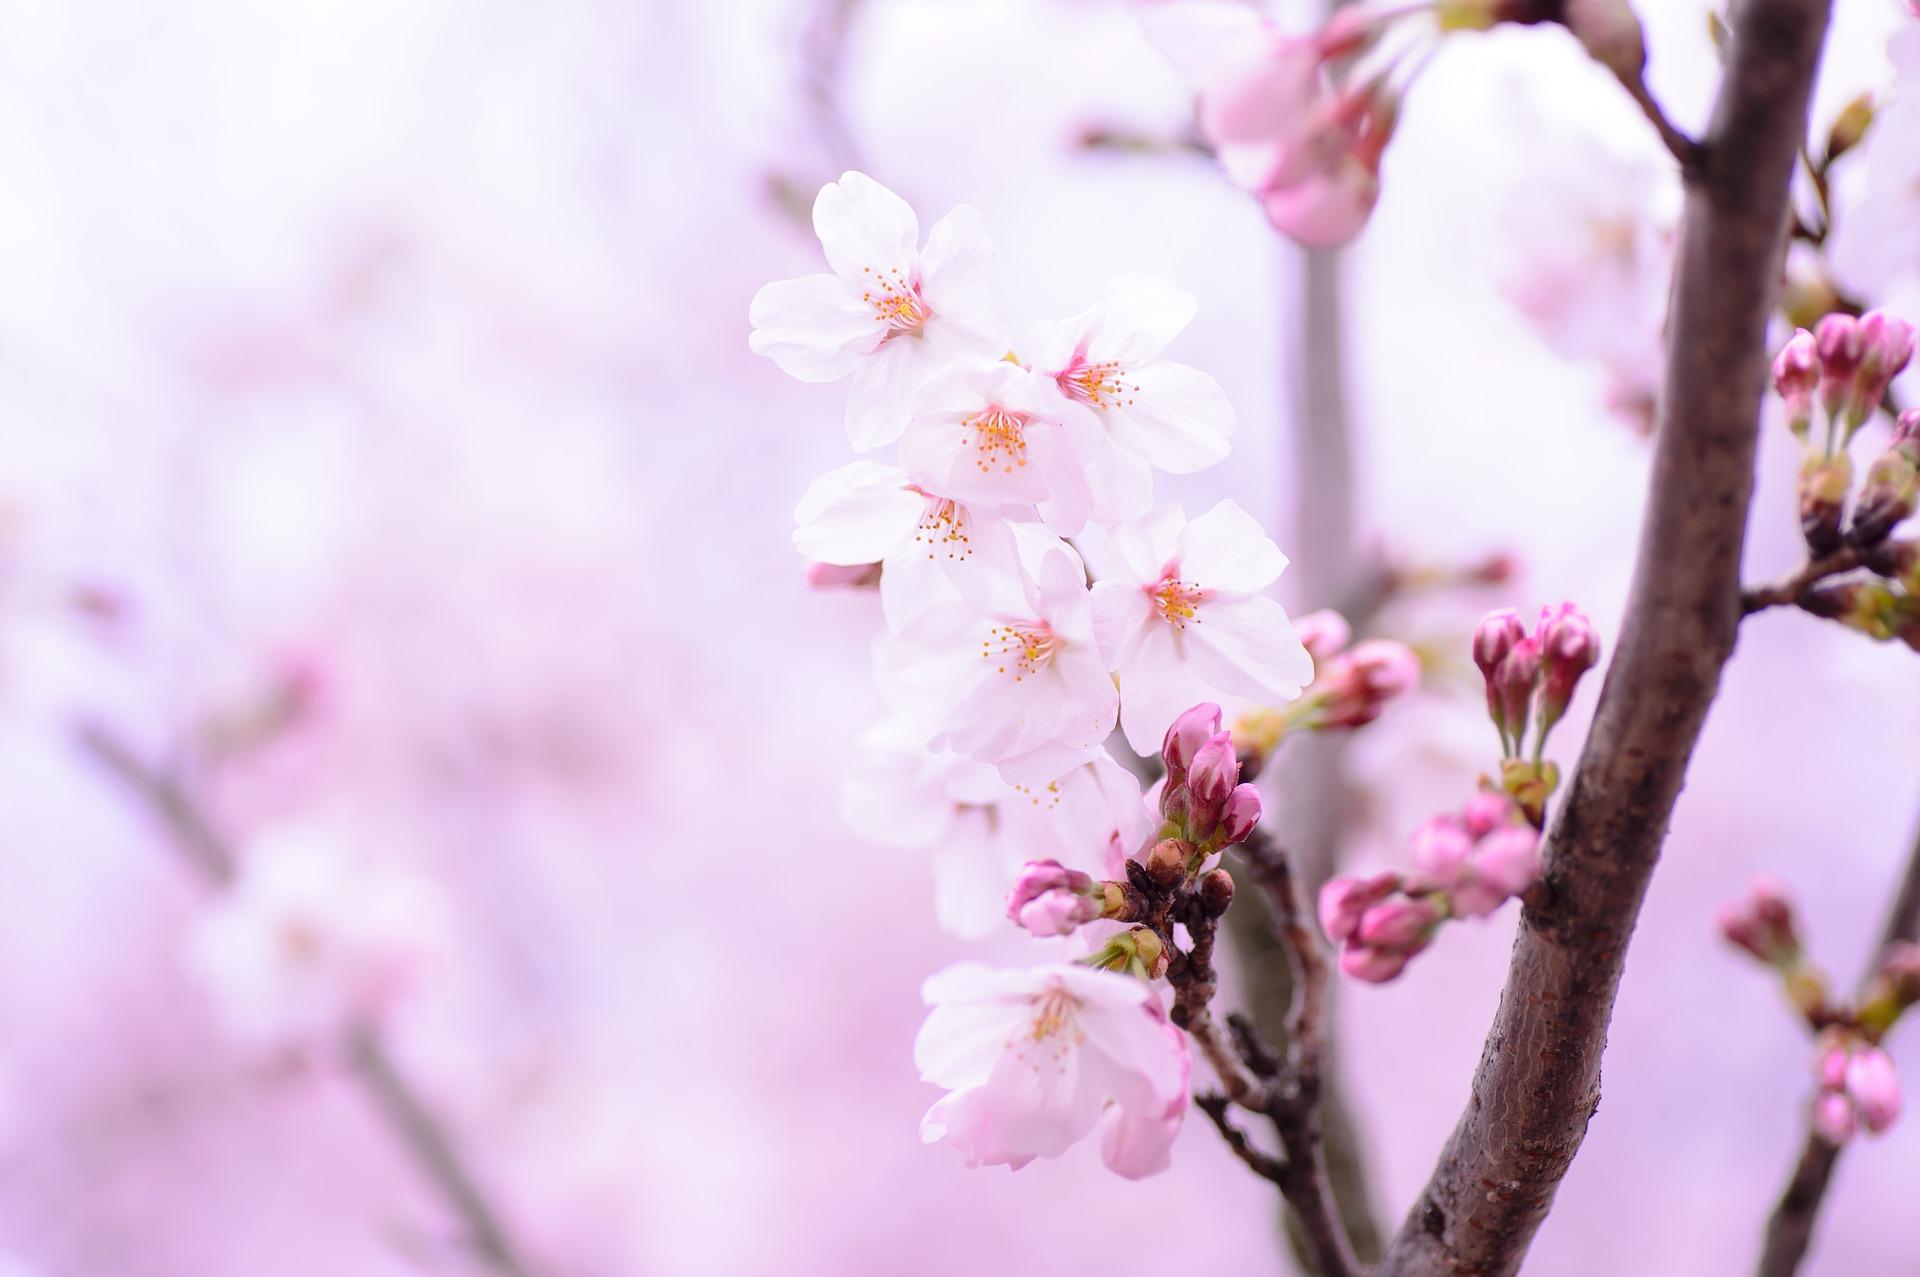 Cherry Blossom Wallpaper Hd Lente Achtergronden Voor Je Pc Mevrouwmiauw Nl